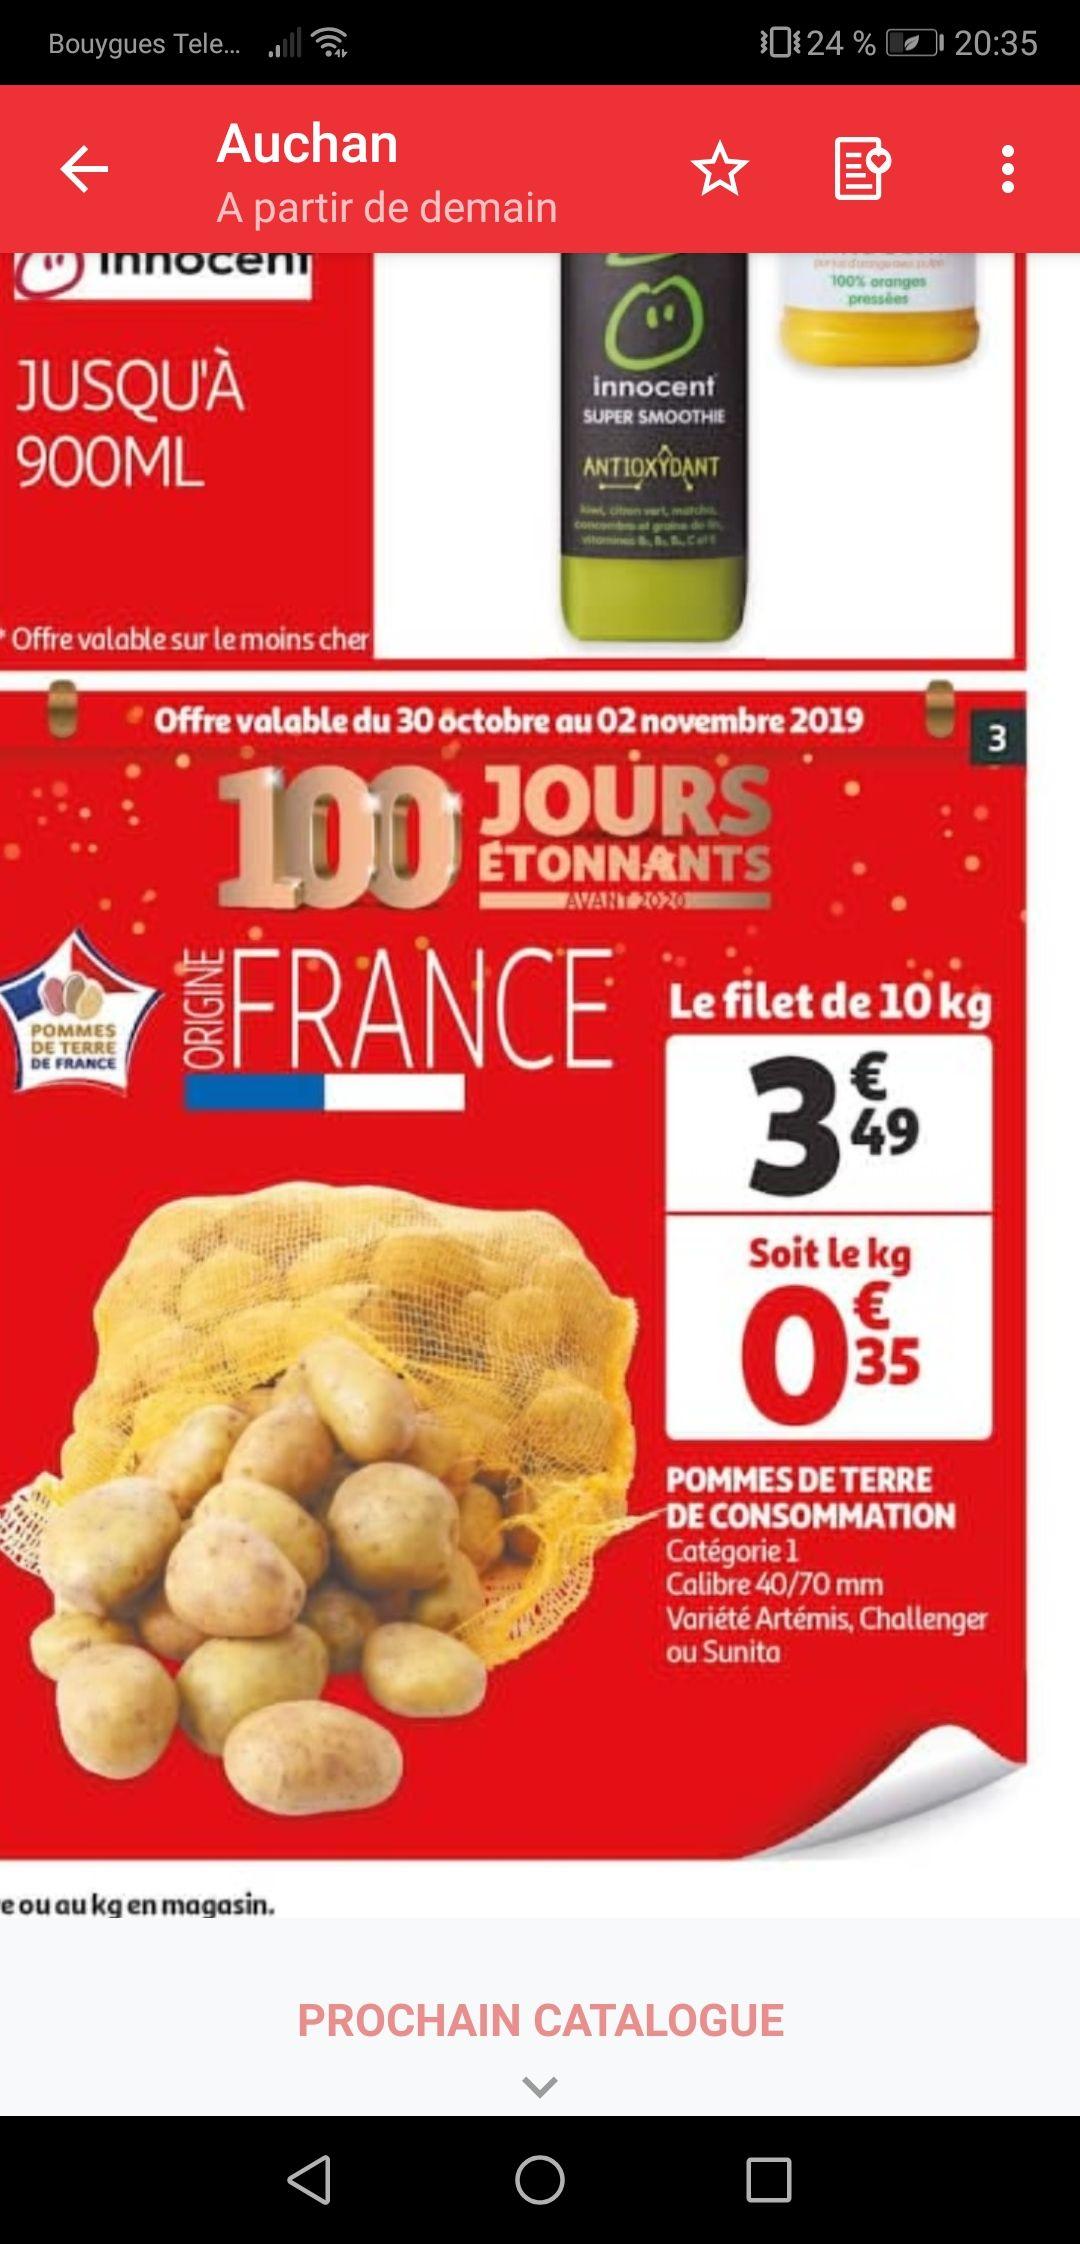 Filet de pommes de terre Artémis, Challenger ou Sunita - origine France, cat. 1, 10 kg